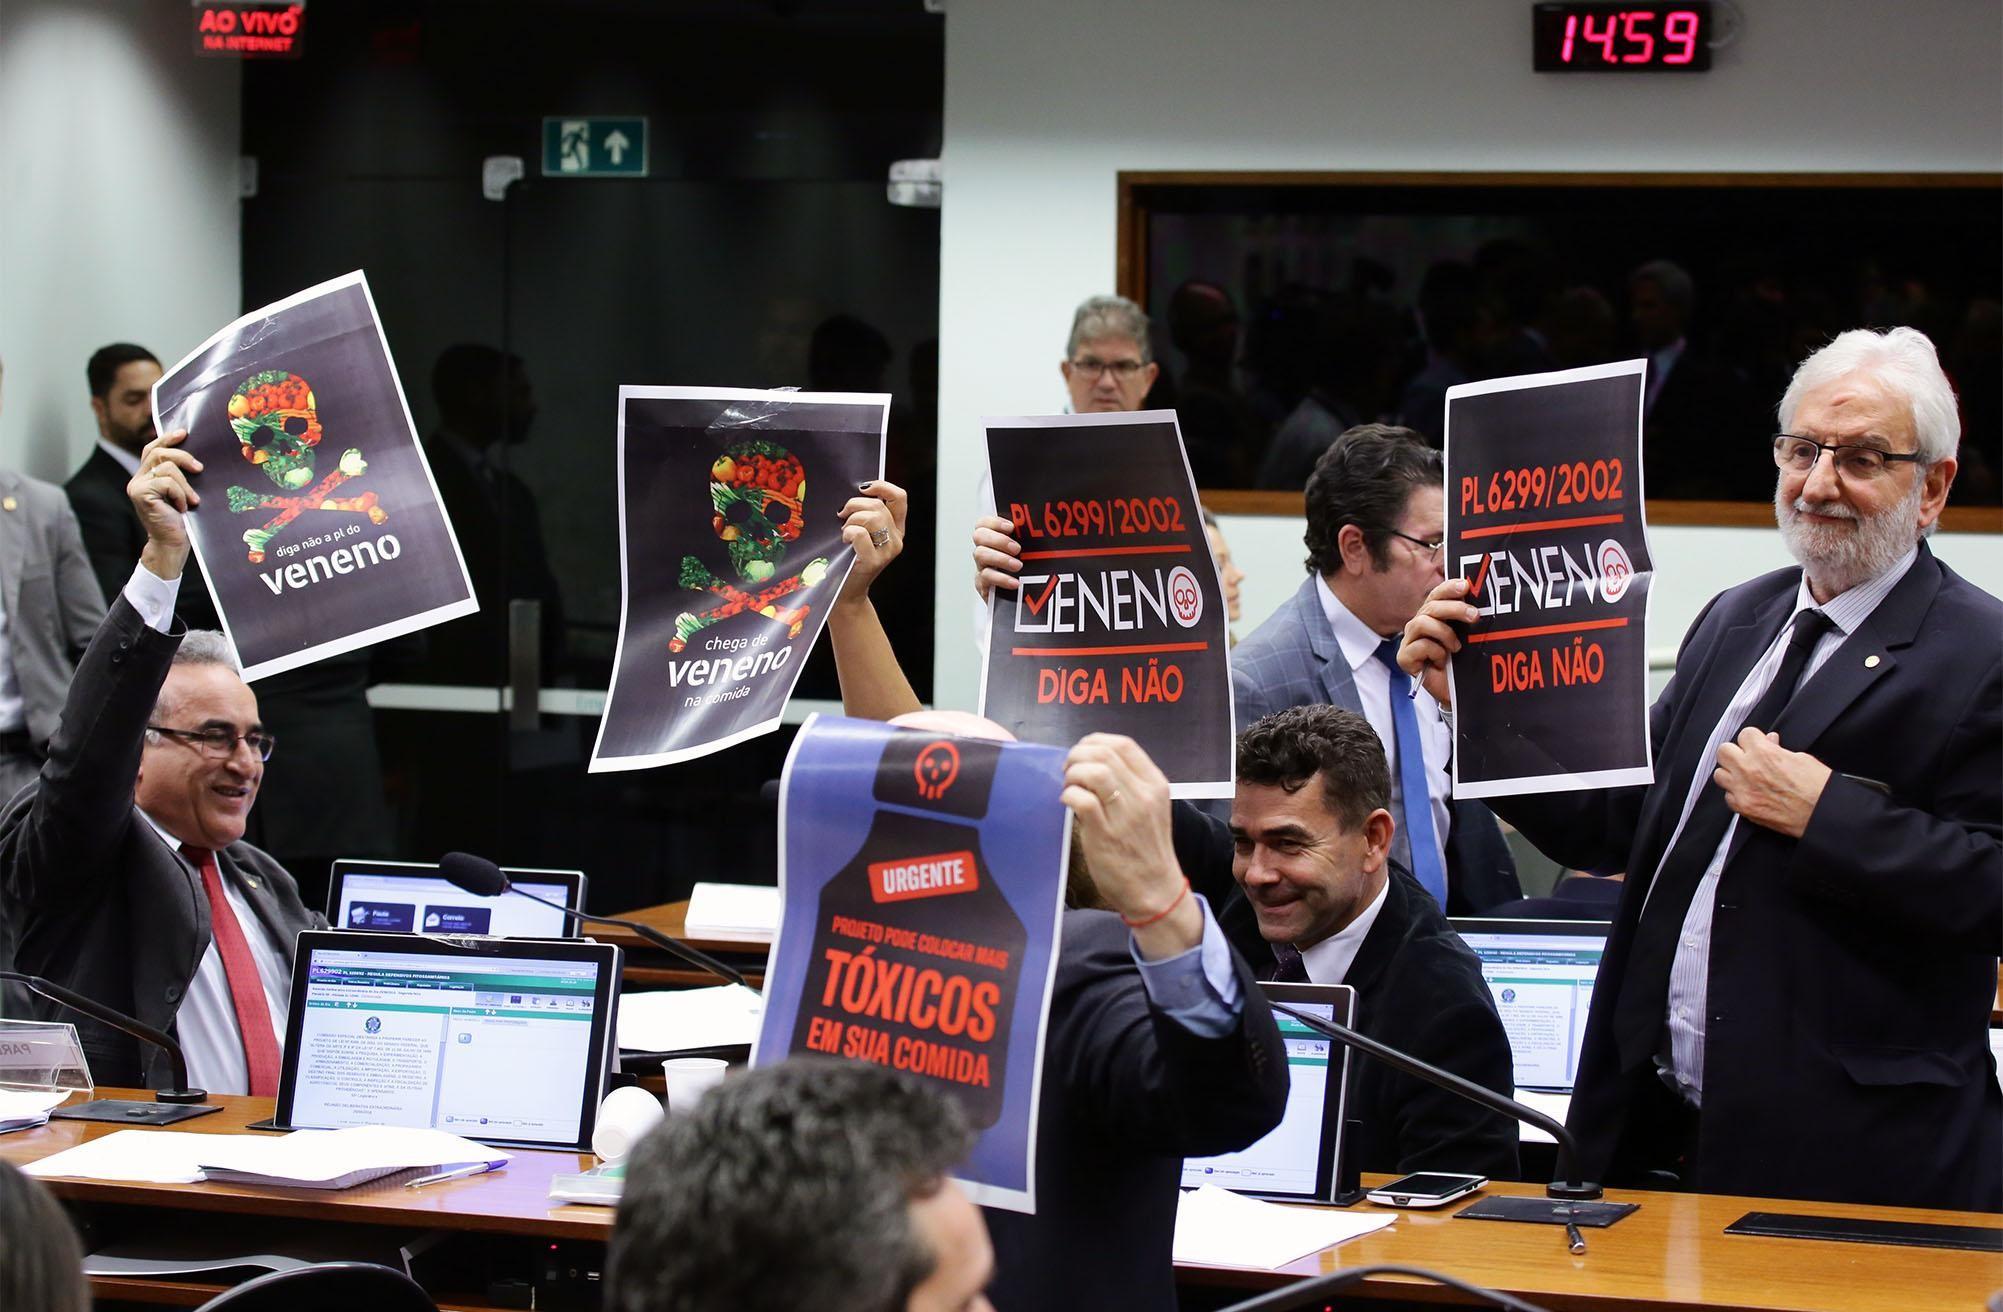 C. E. Regula Defensivos Fitossanitários (PL 6299/02) (Foto: Michel Jesus/Câmara dos Deputados)